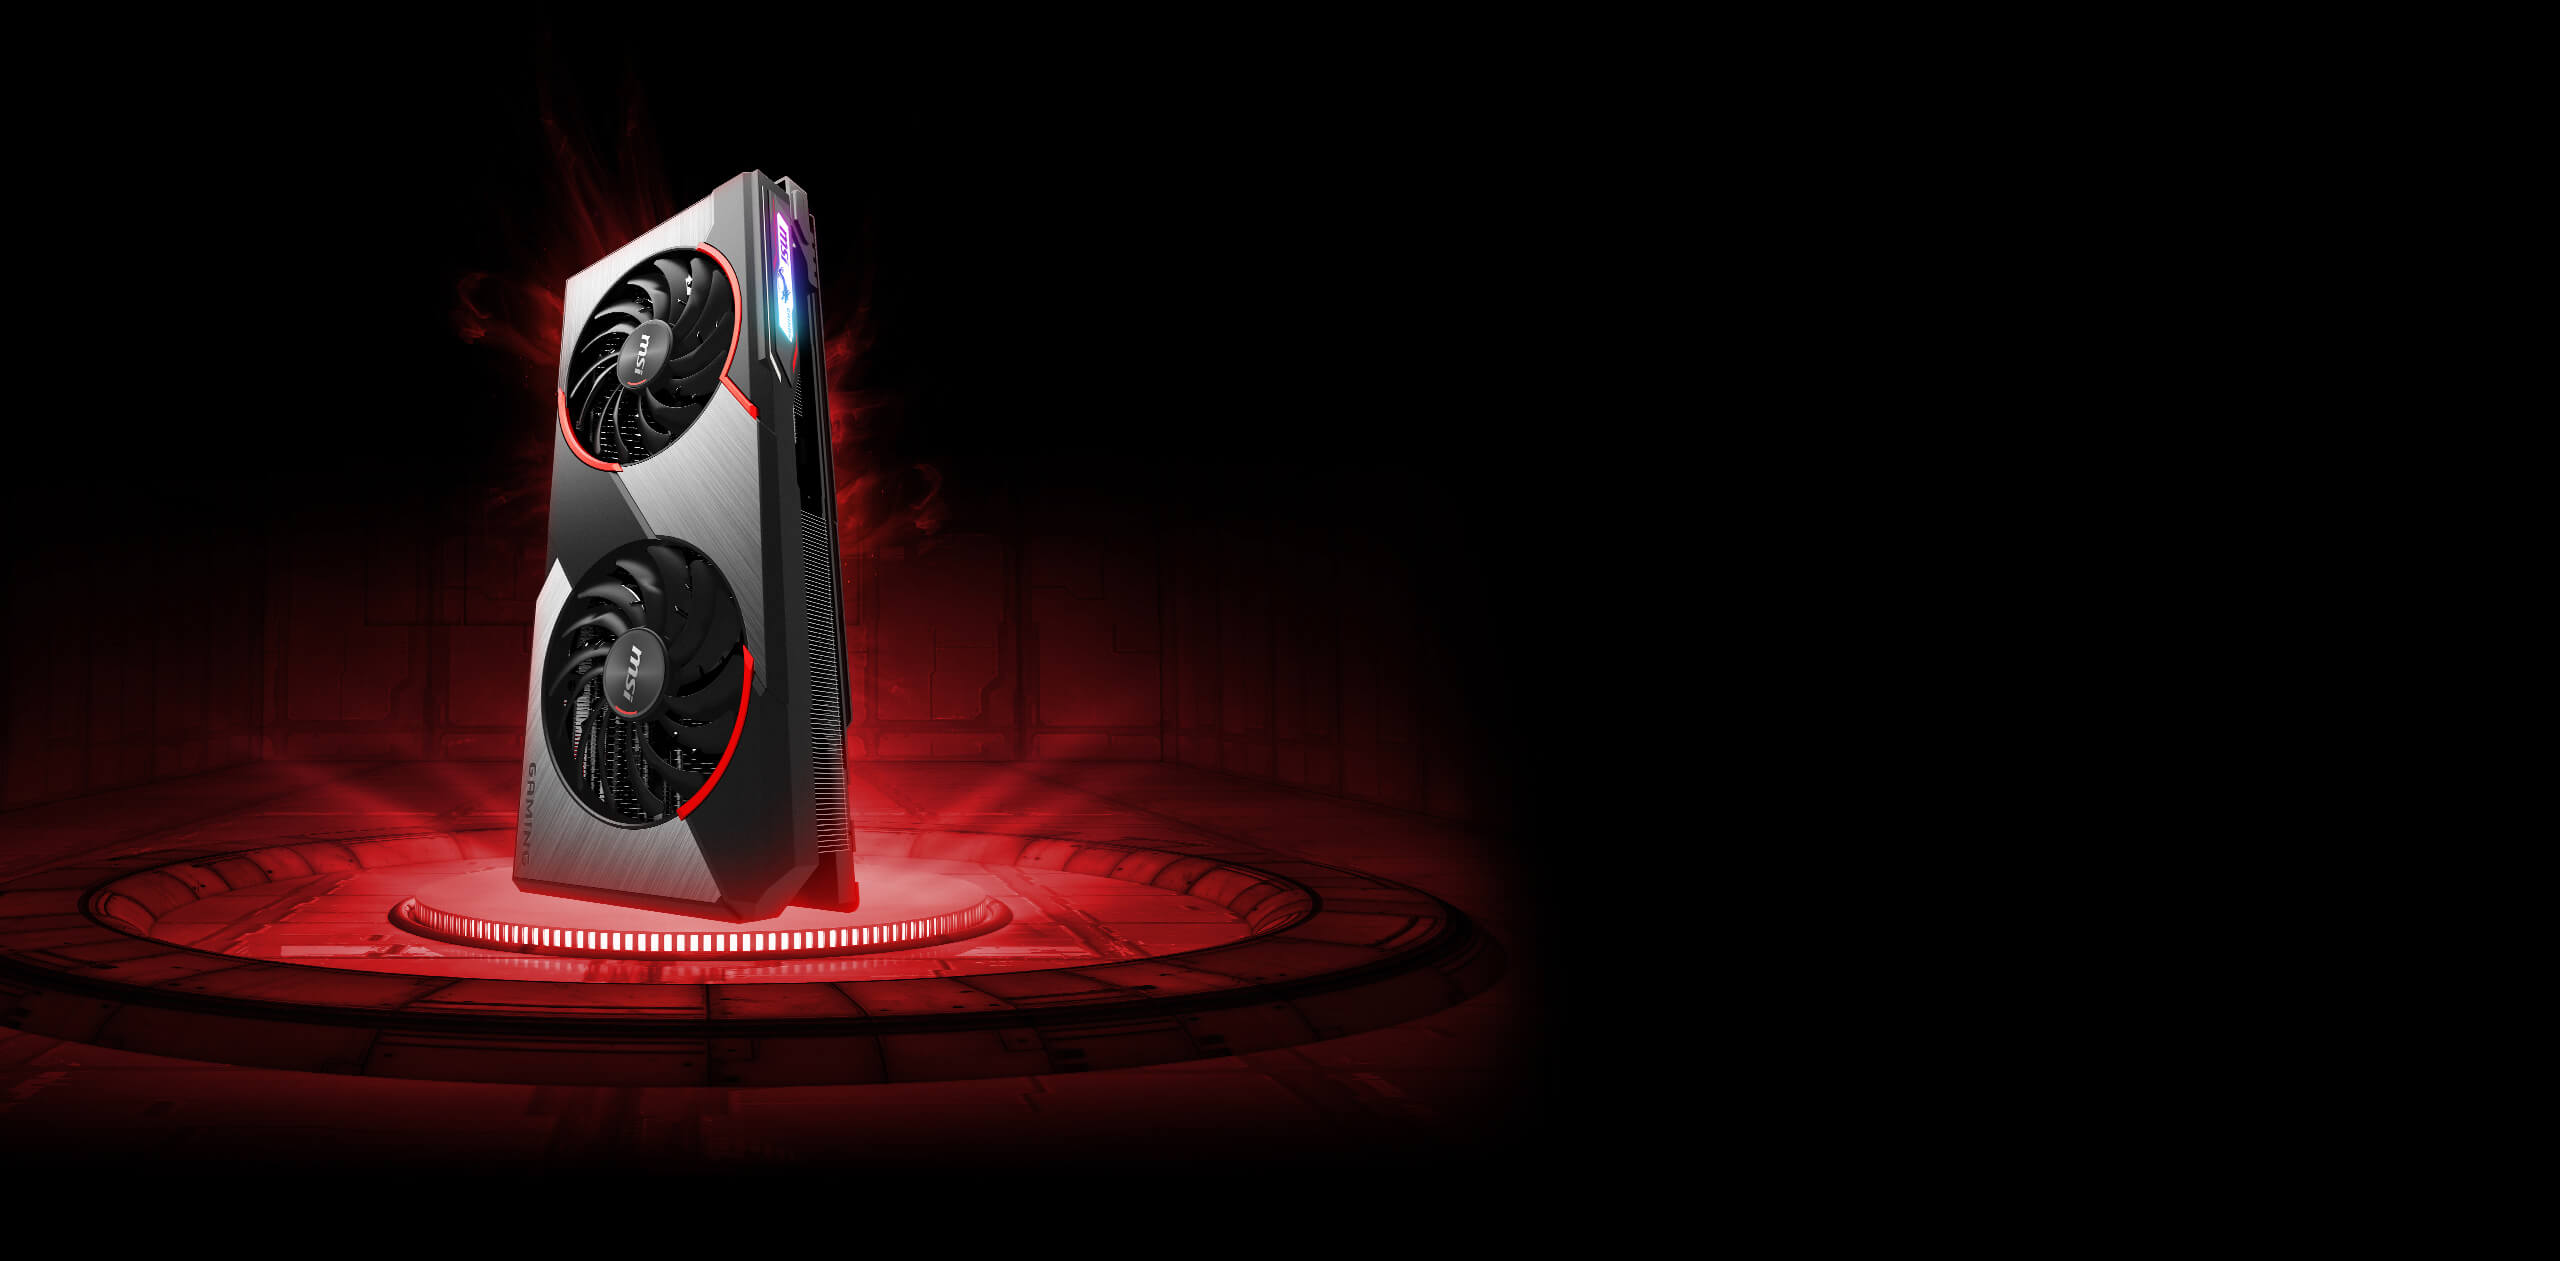 AMD MSI